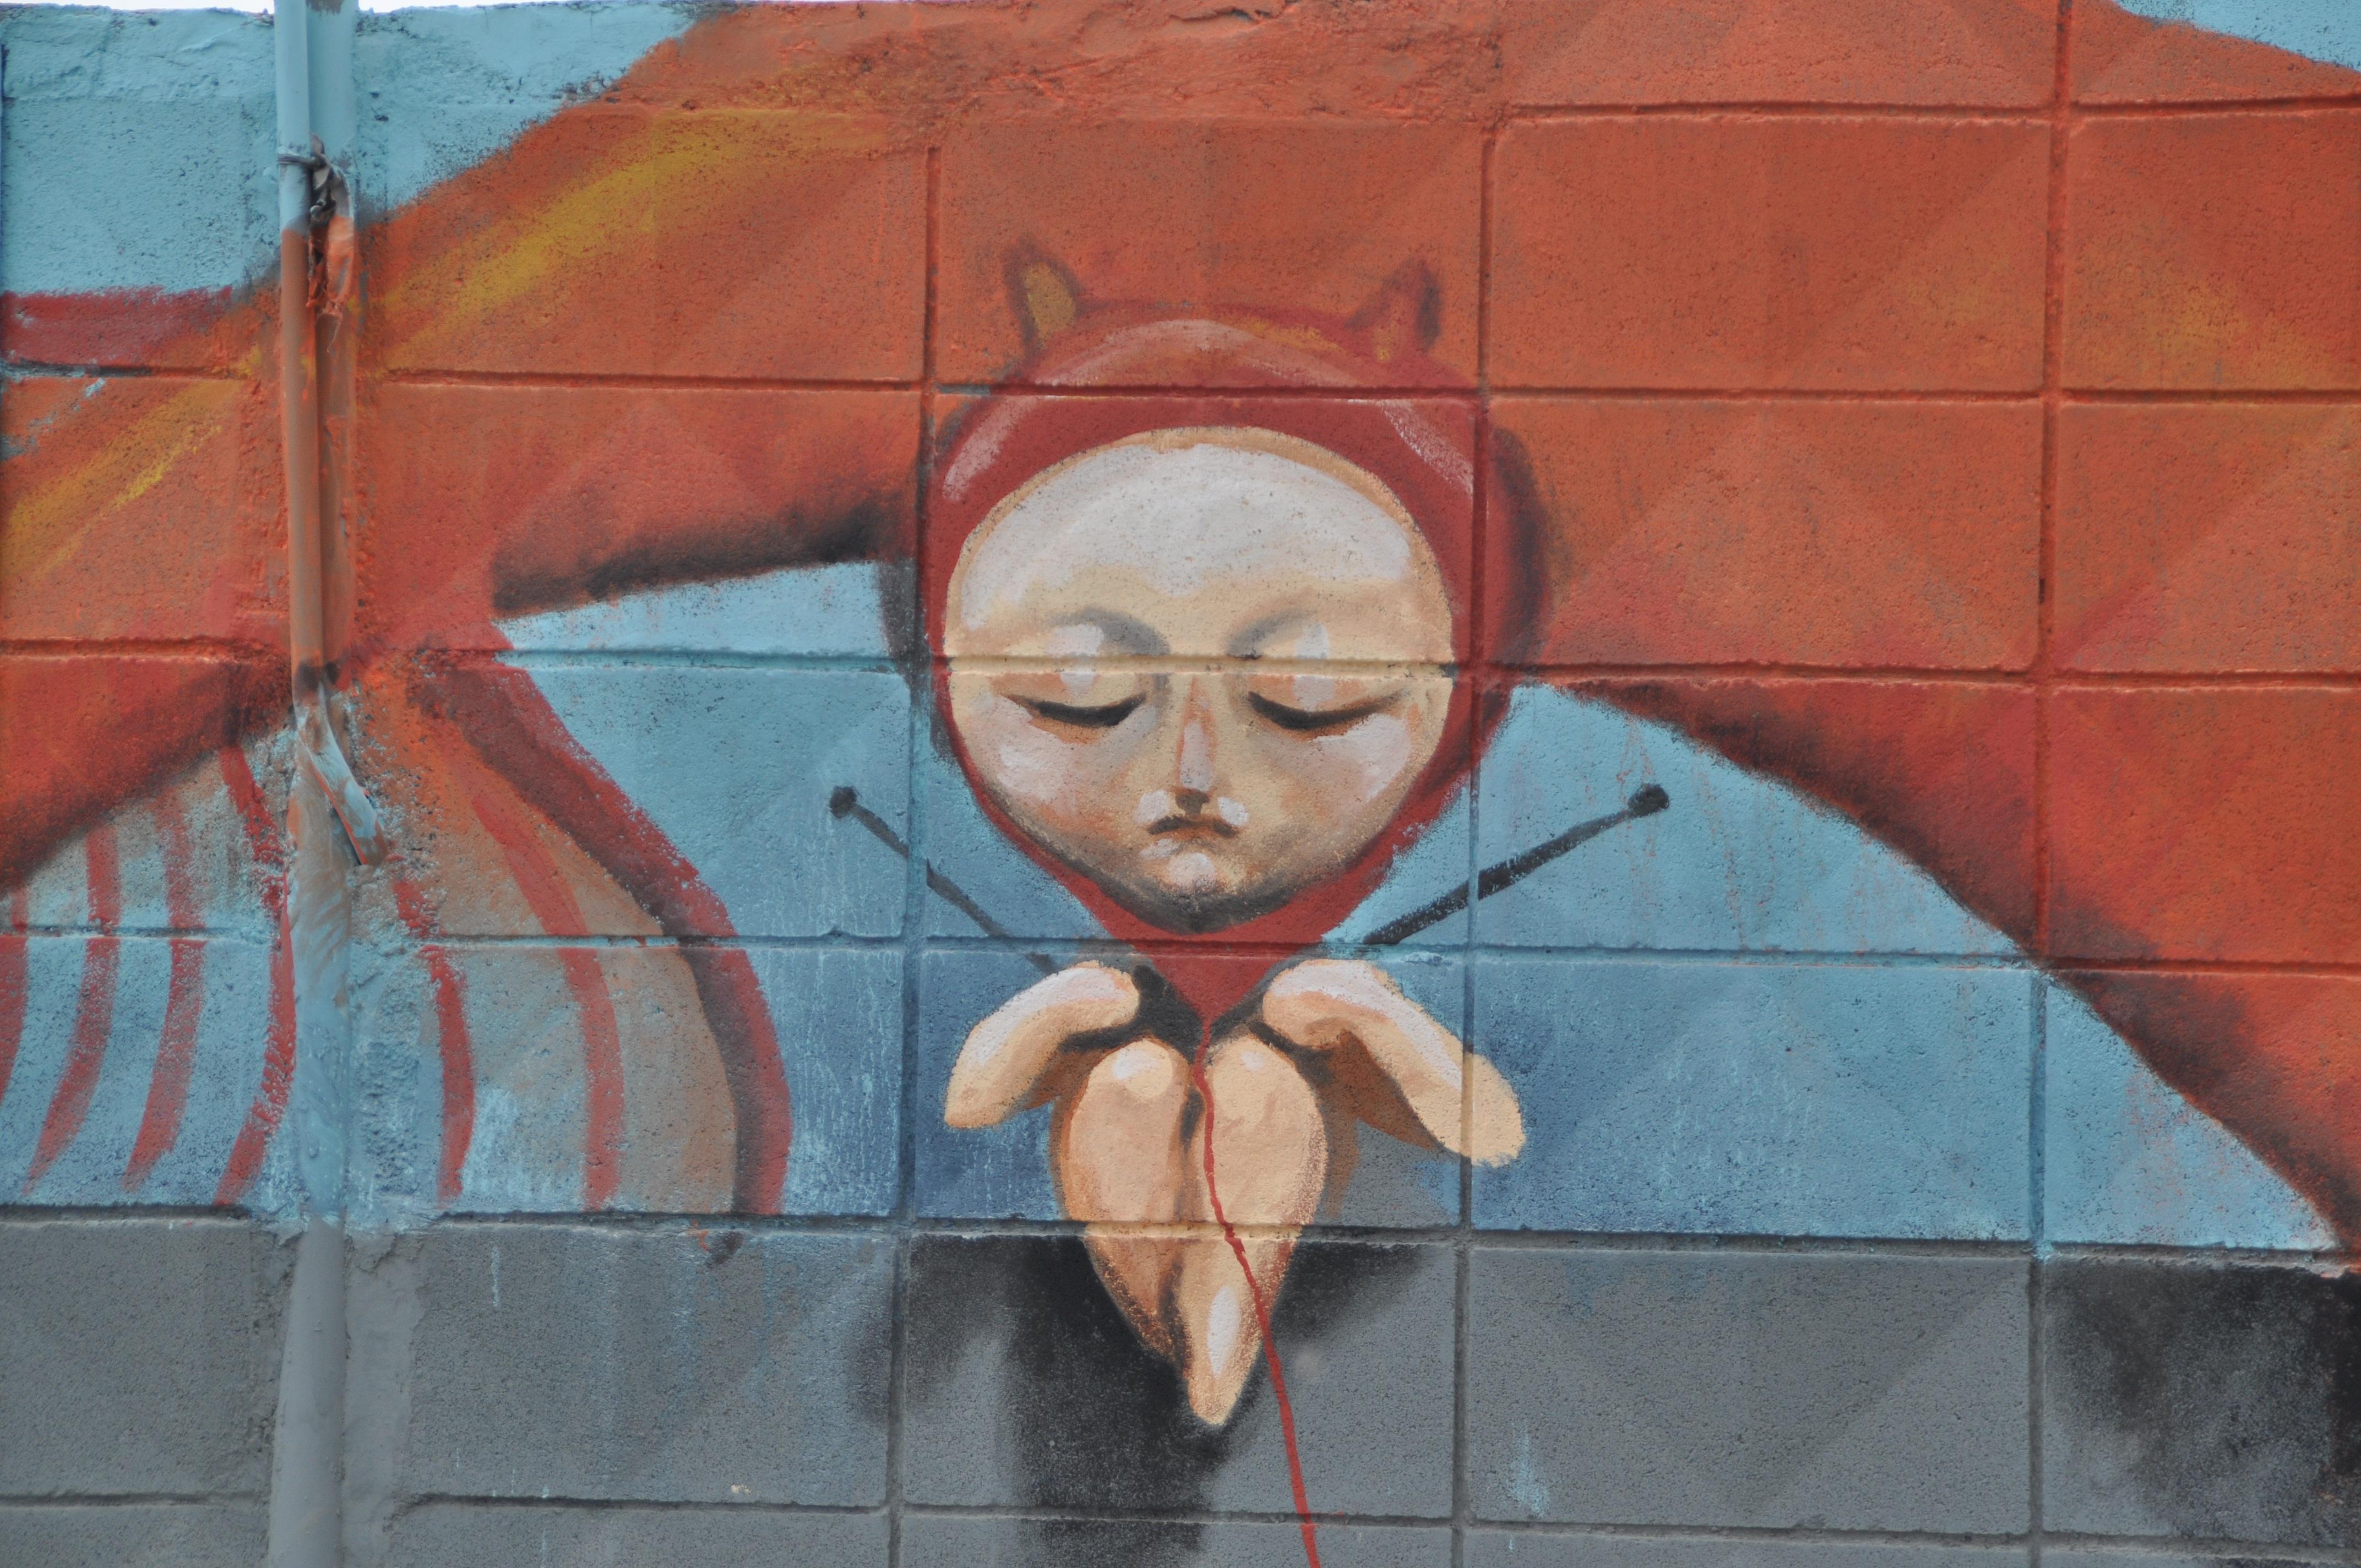 Download 440 Koleksi Gambar Grafiti Barcelona Terbaru Gratis HD